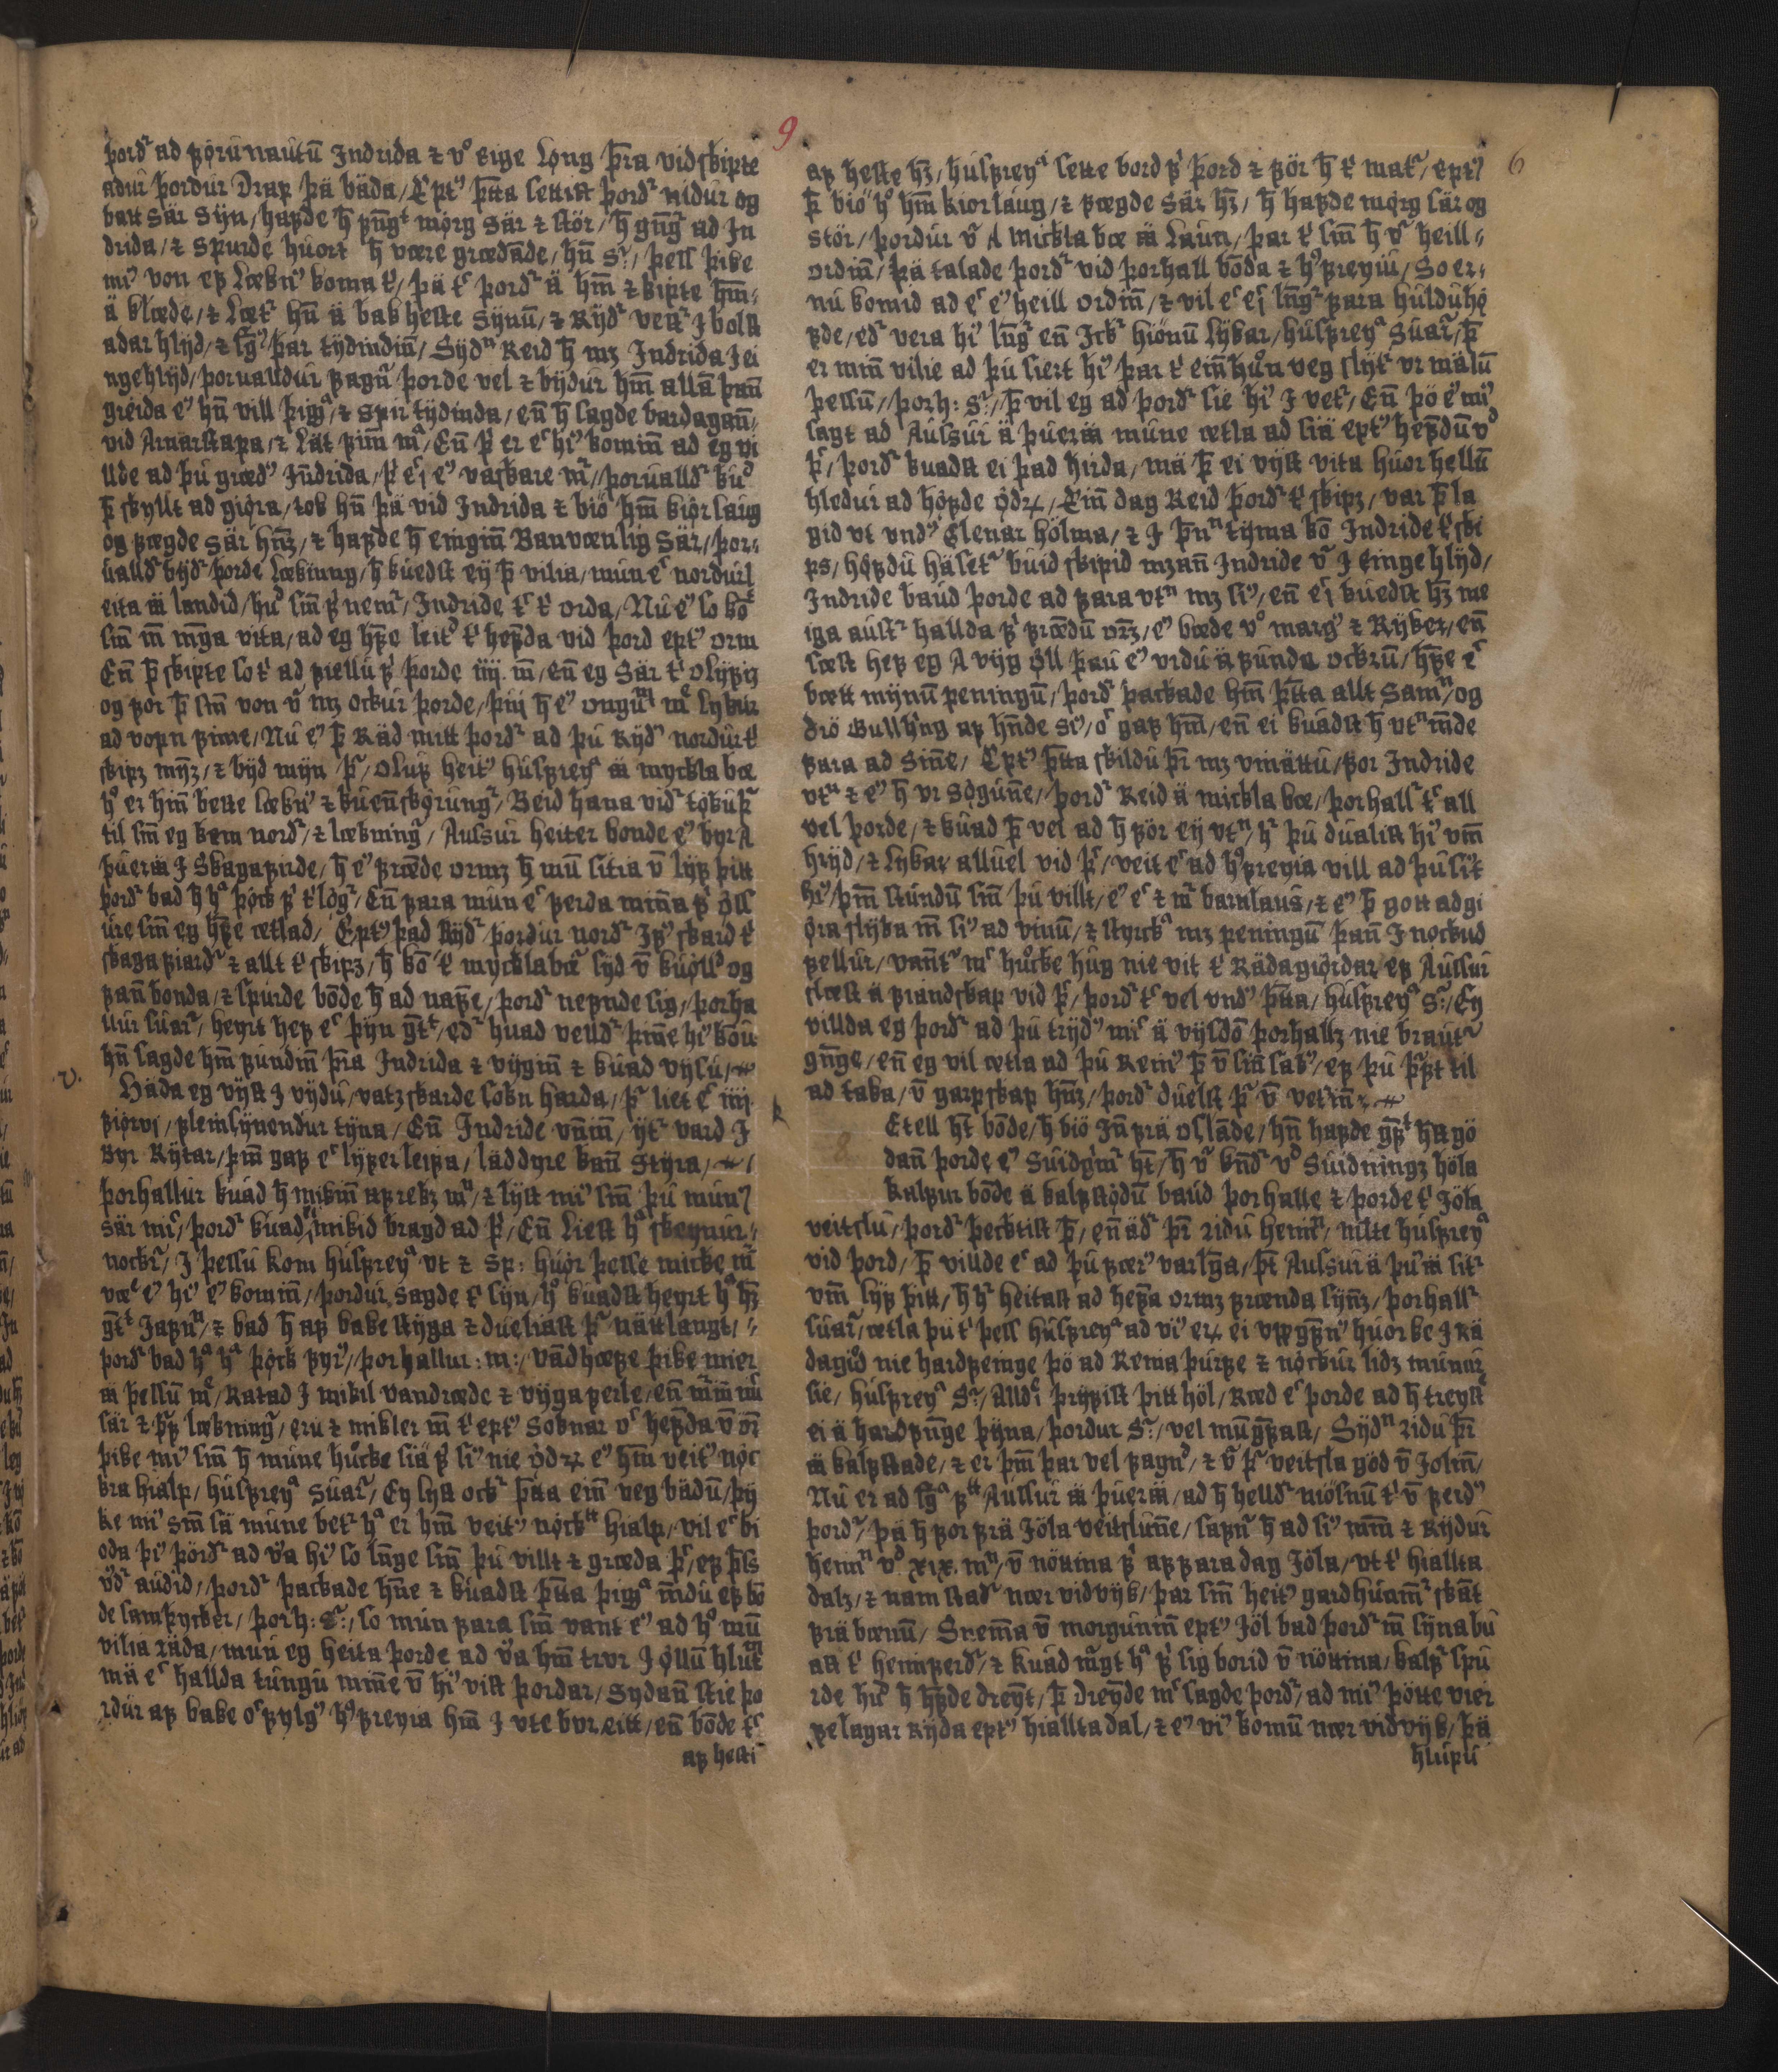 AM 128 fol - 9r